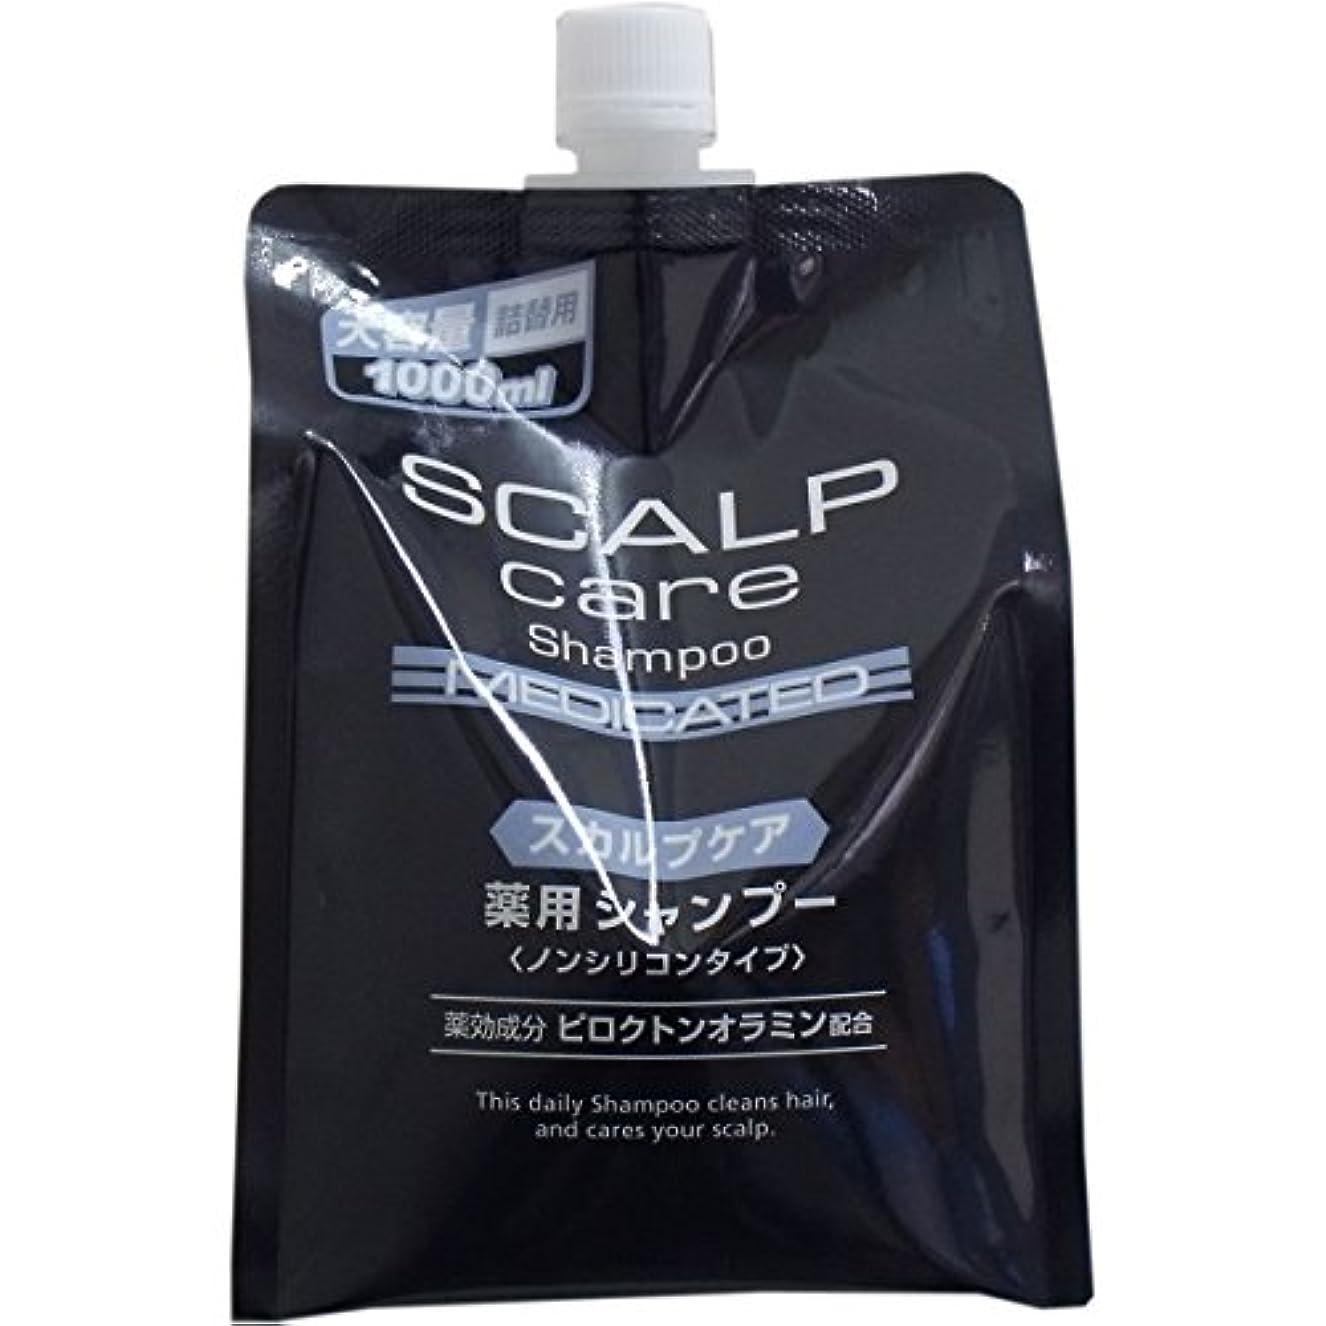 フランクワースリーデコレーション流すピース薬品 スカルプシャンプー 大容量詰替用 1000ml